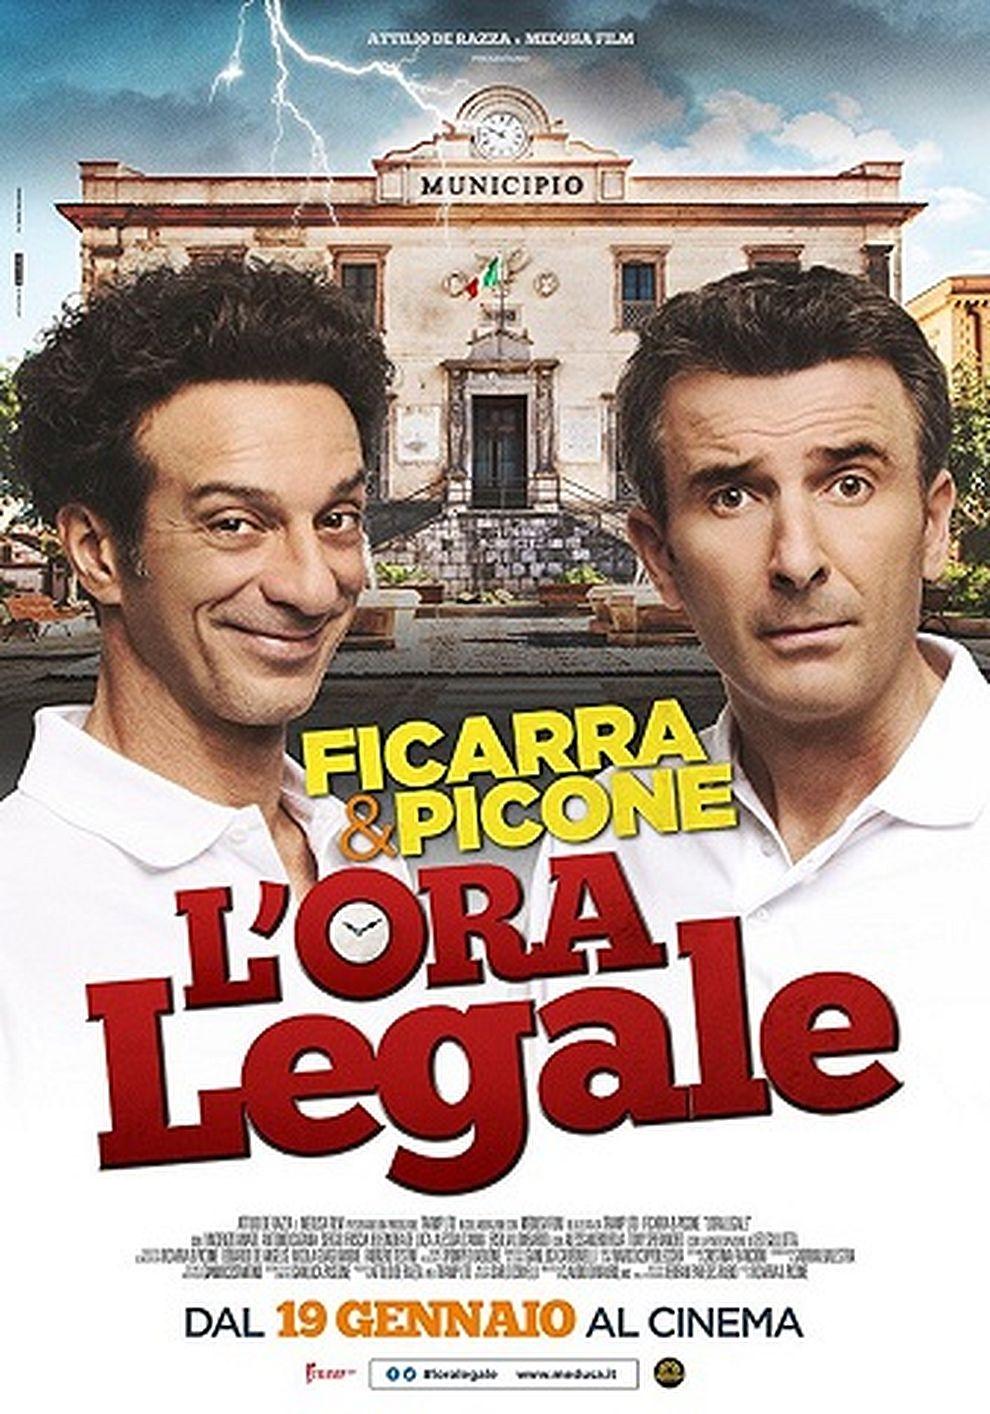 L'Ora legale - Ab heute sind wir ehrlich (Poster)